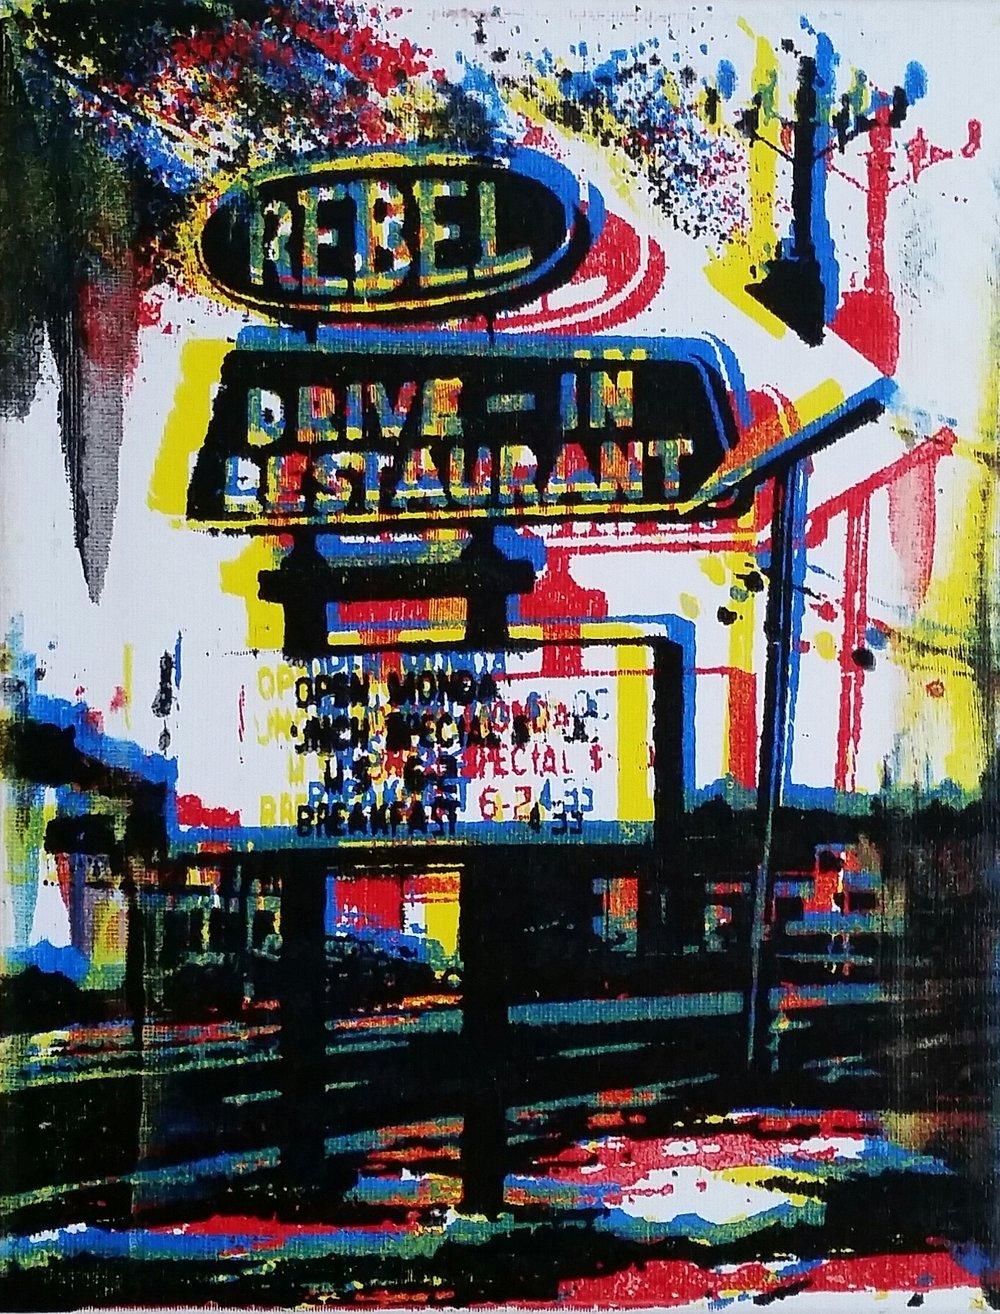 Rebel Drive-In Restaurant (2018)